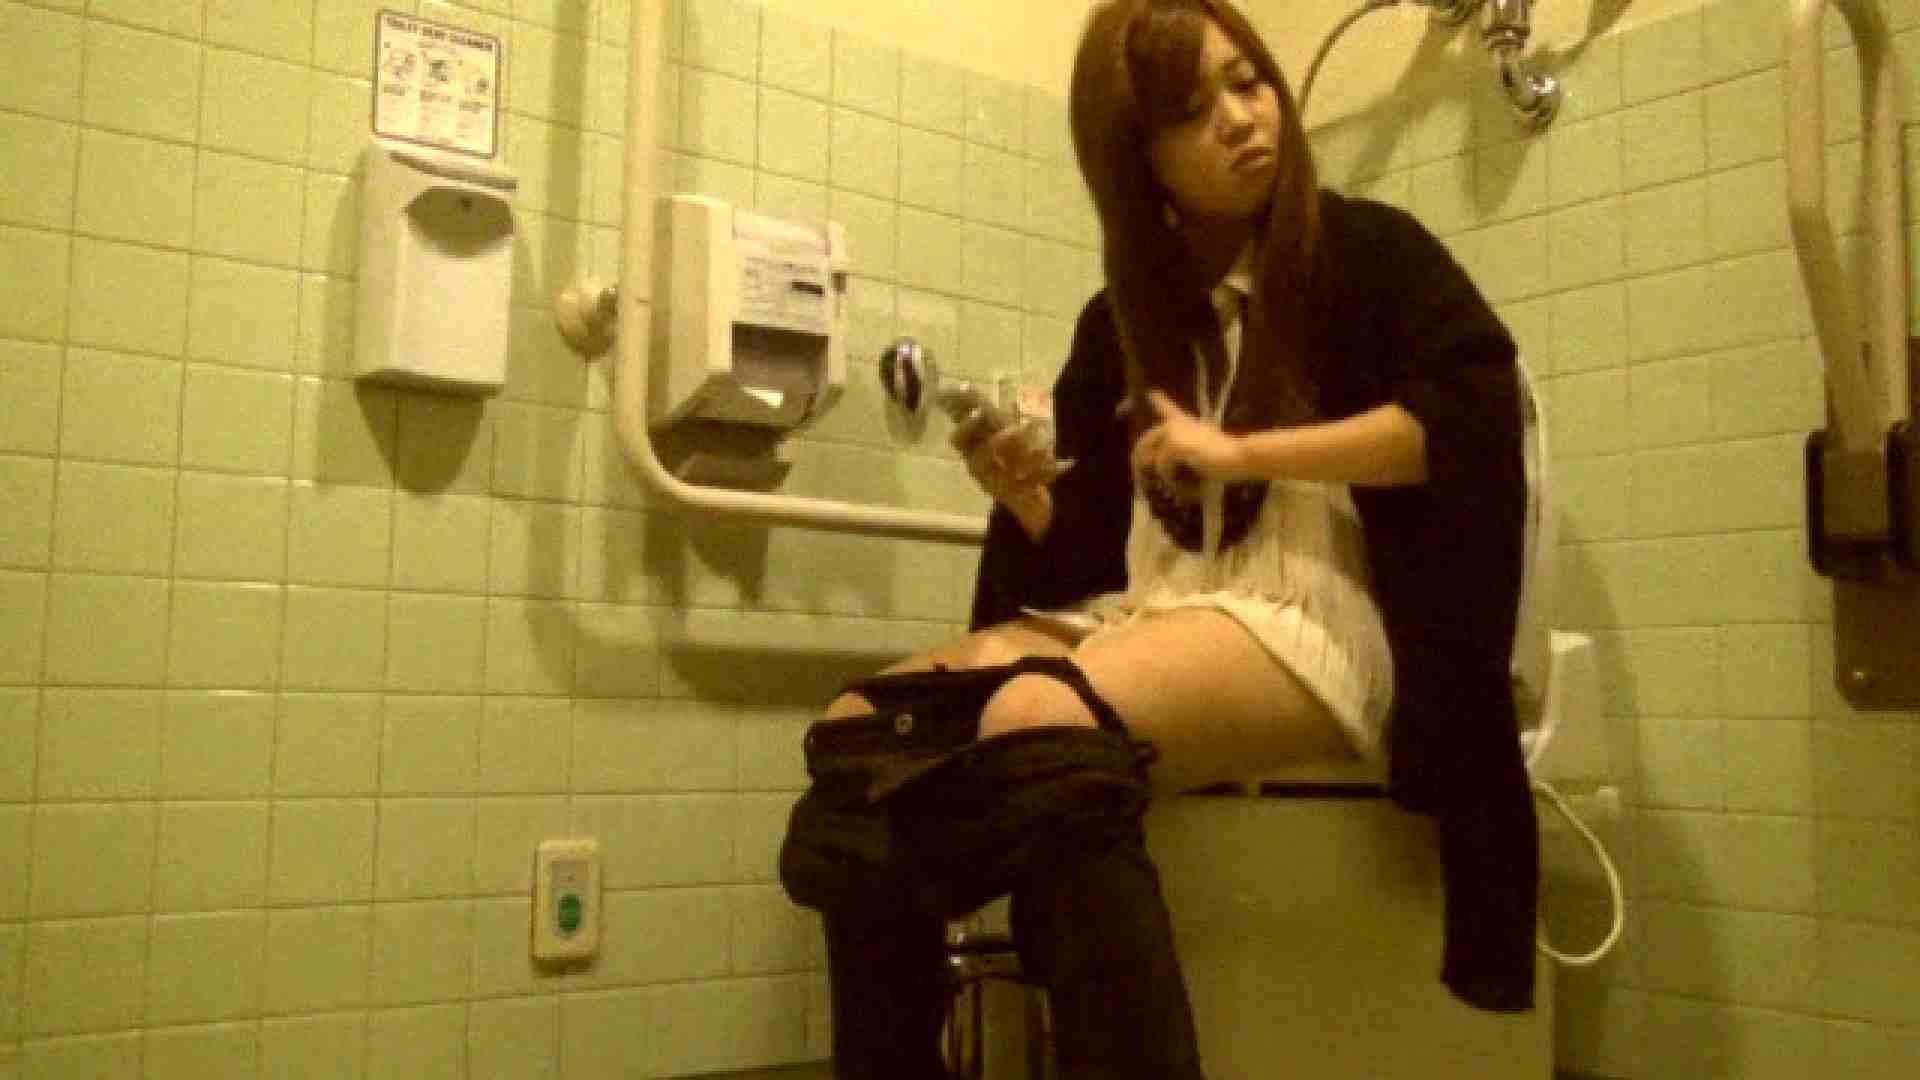 セックスアダルト動画 vol.26 【SKちゃん(洗面所)】ガールズバー店員 19歳 怪盗ジョーカー